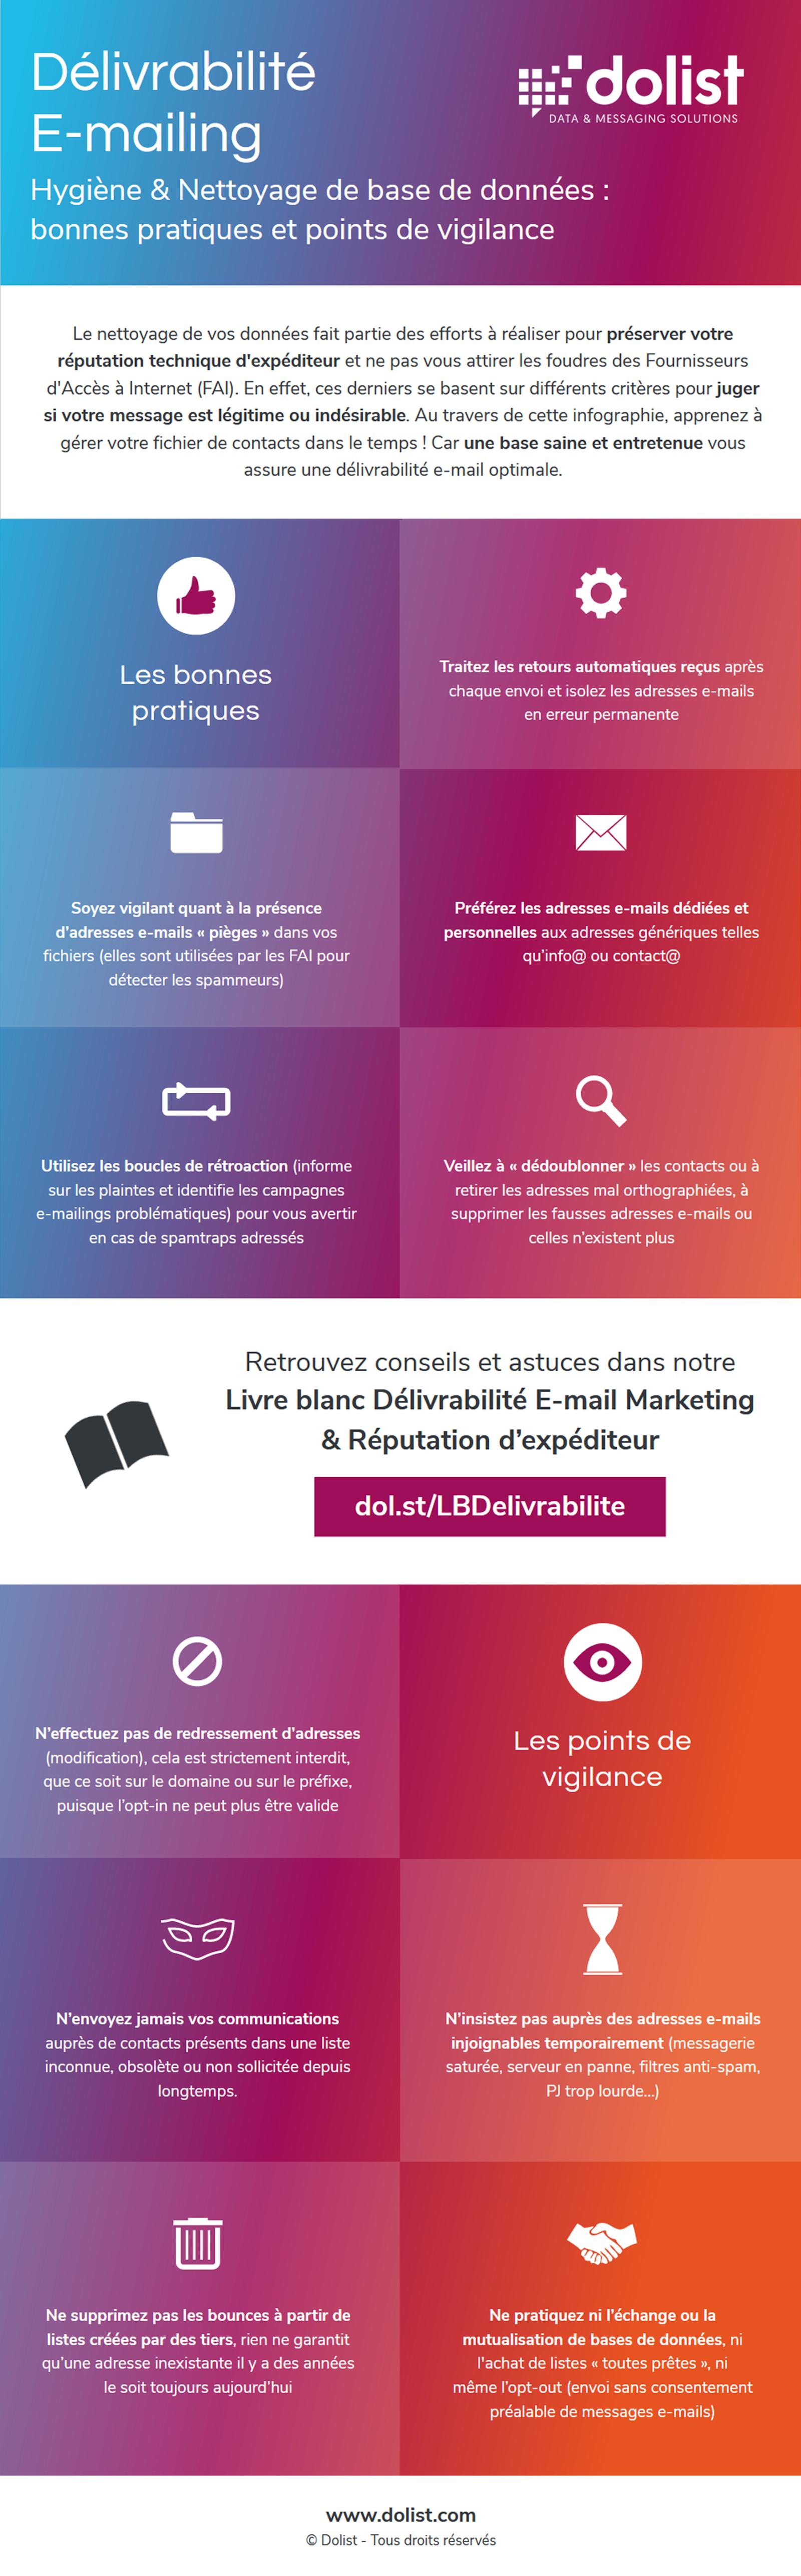 Infographie Délivrabilité Emailing